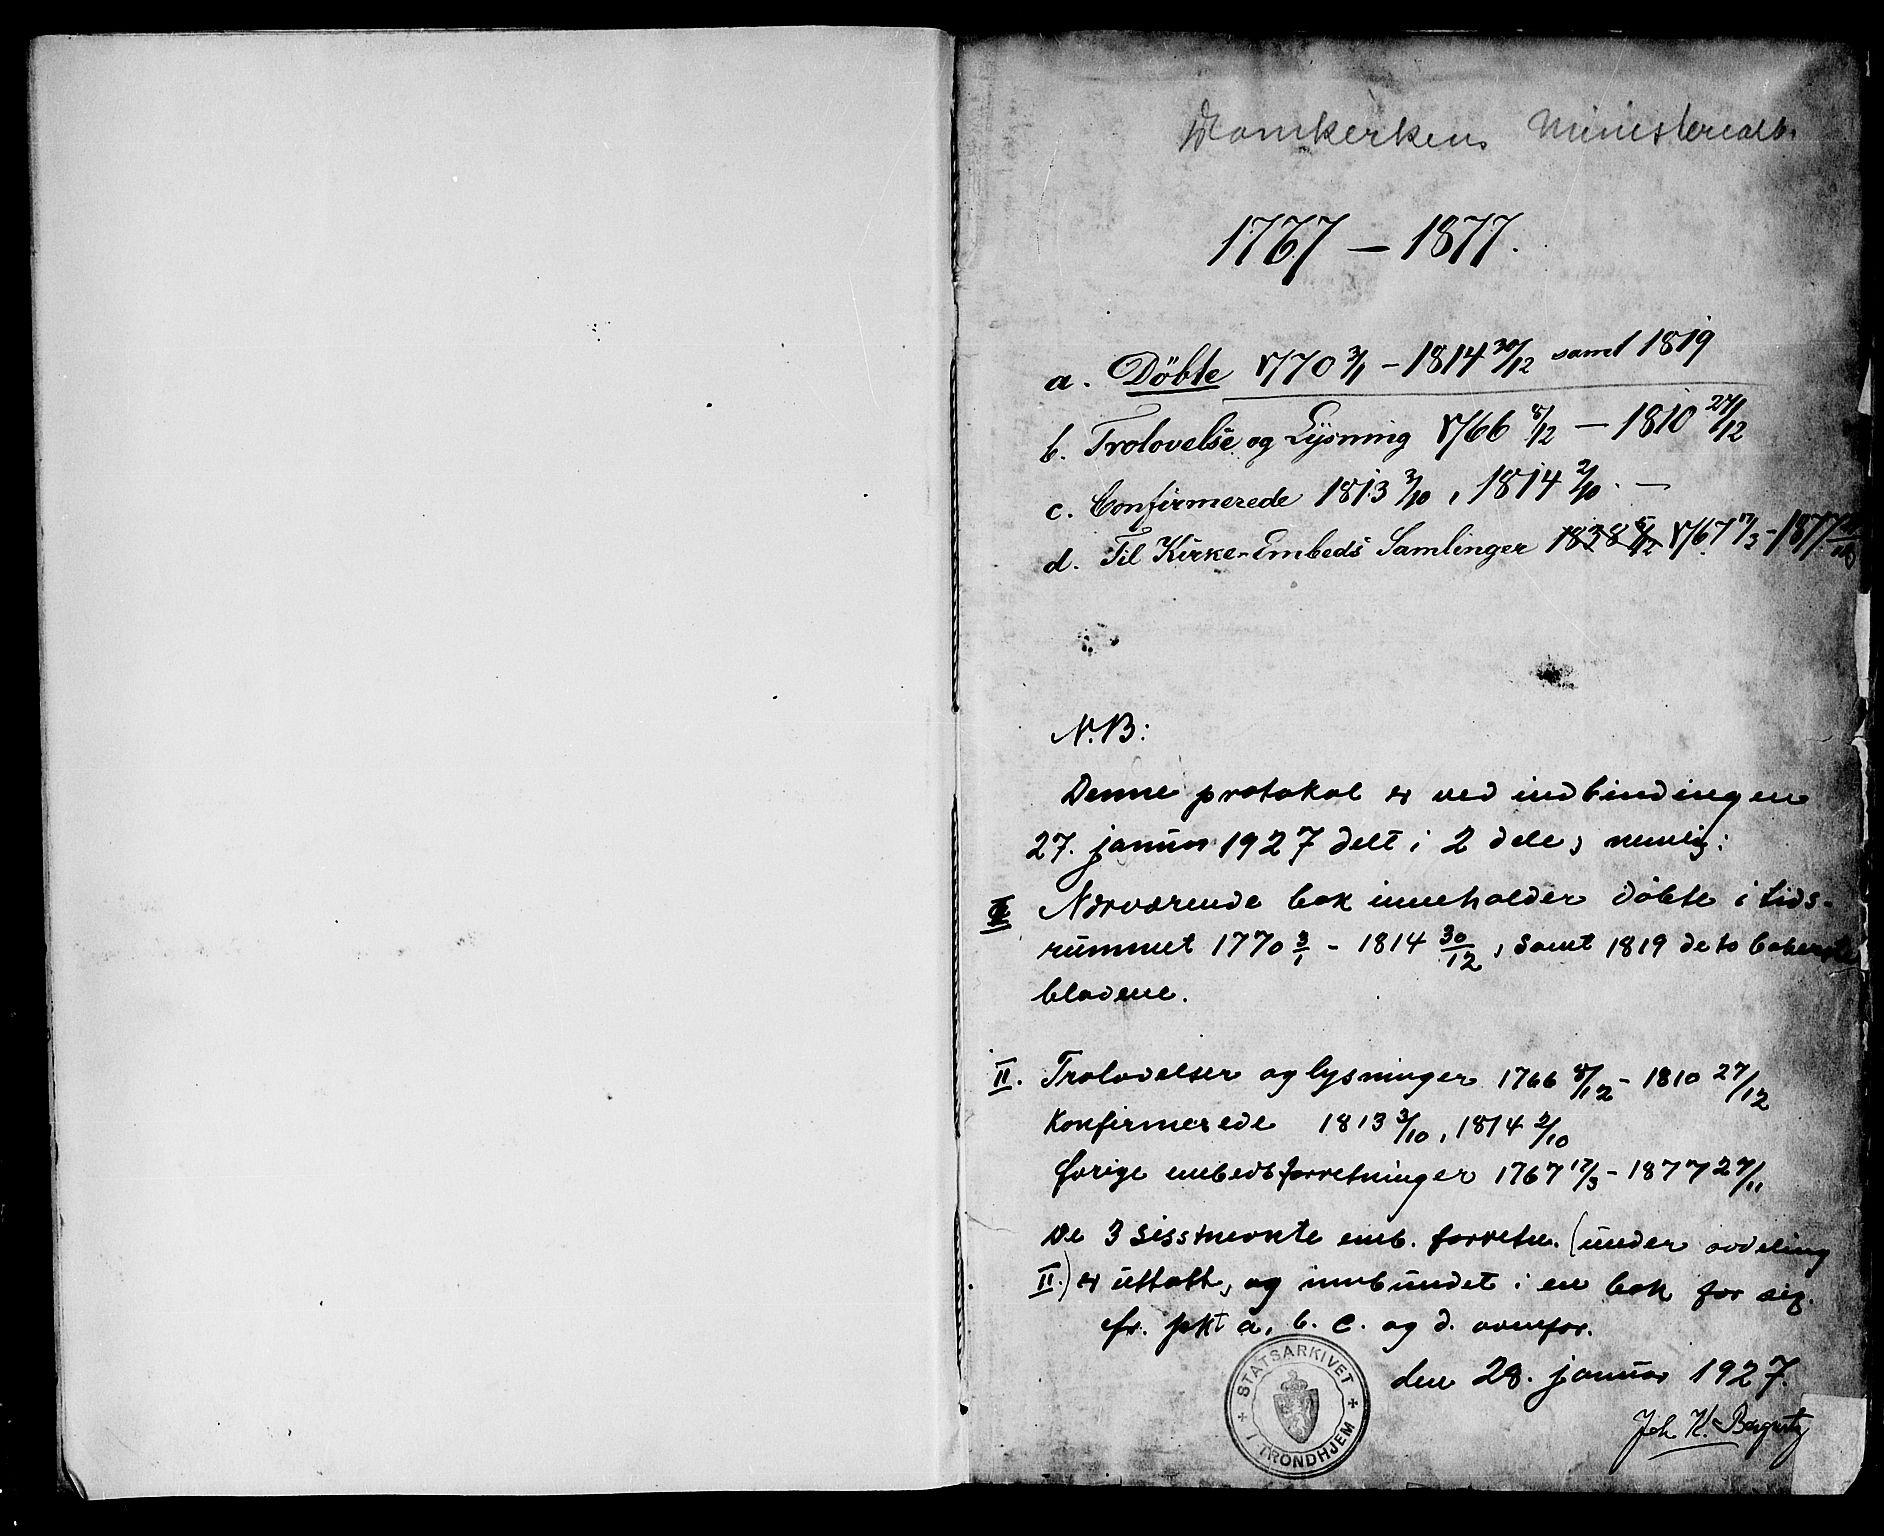 SAT, Ministerialprotokoller, klokkerbøker og fødselsregistre - Sør-Trøndelag, 601/L0039: Ministerialbok nr. 601A07, 1770-1819